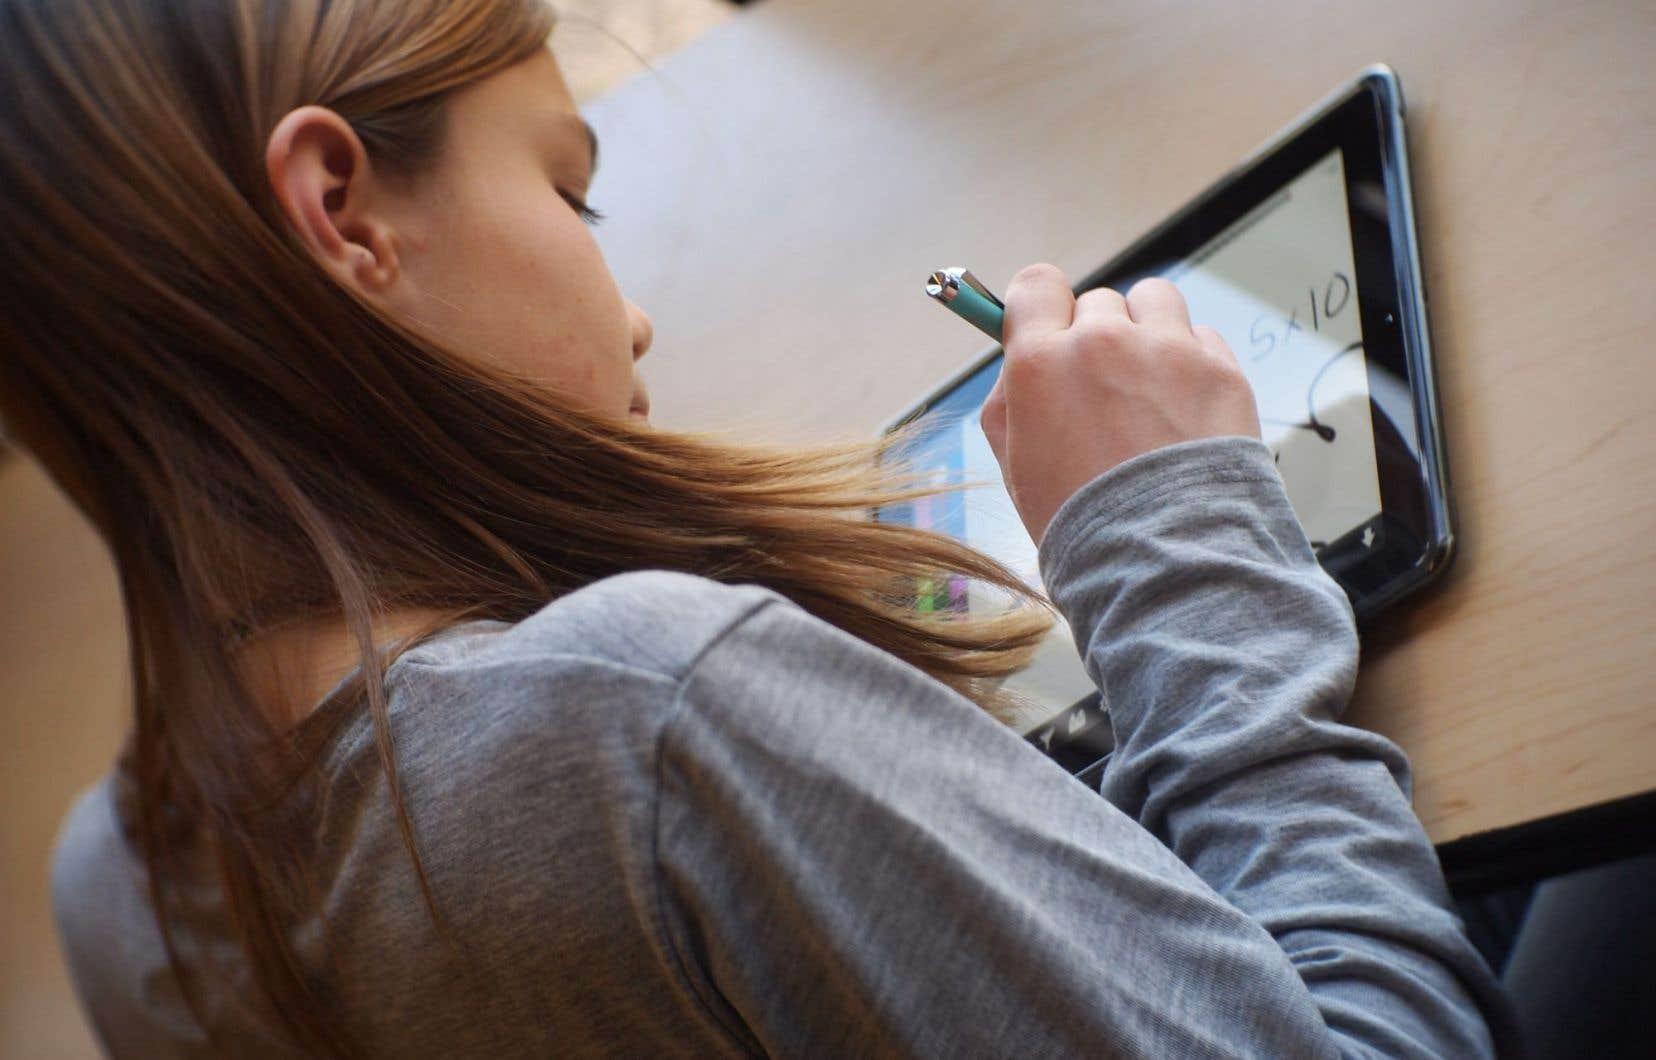 Les chiffres montrent que les tablettes numériques réduisent le taux d'absentéisme en classe et améliorent la motivation.